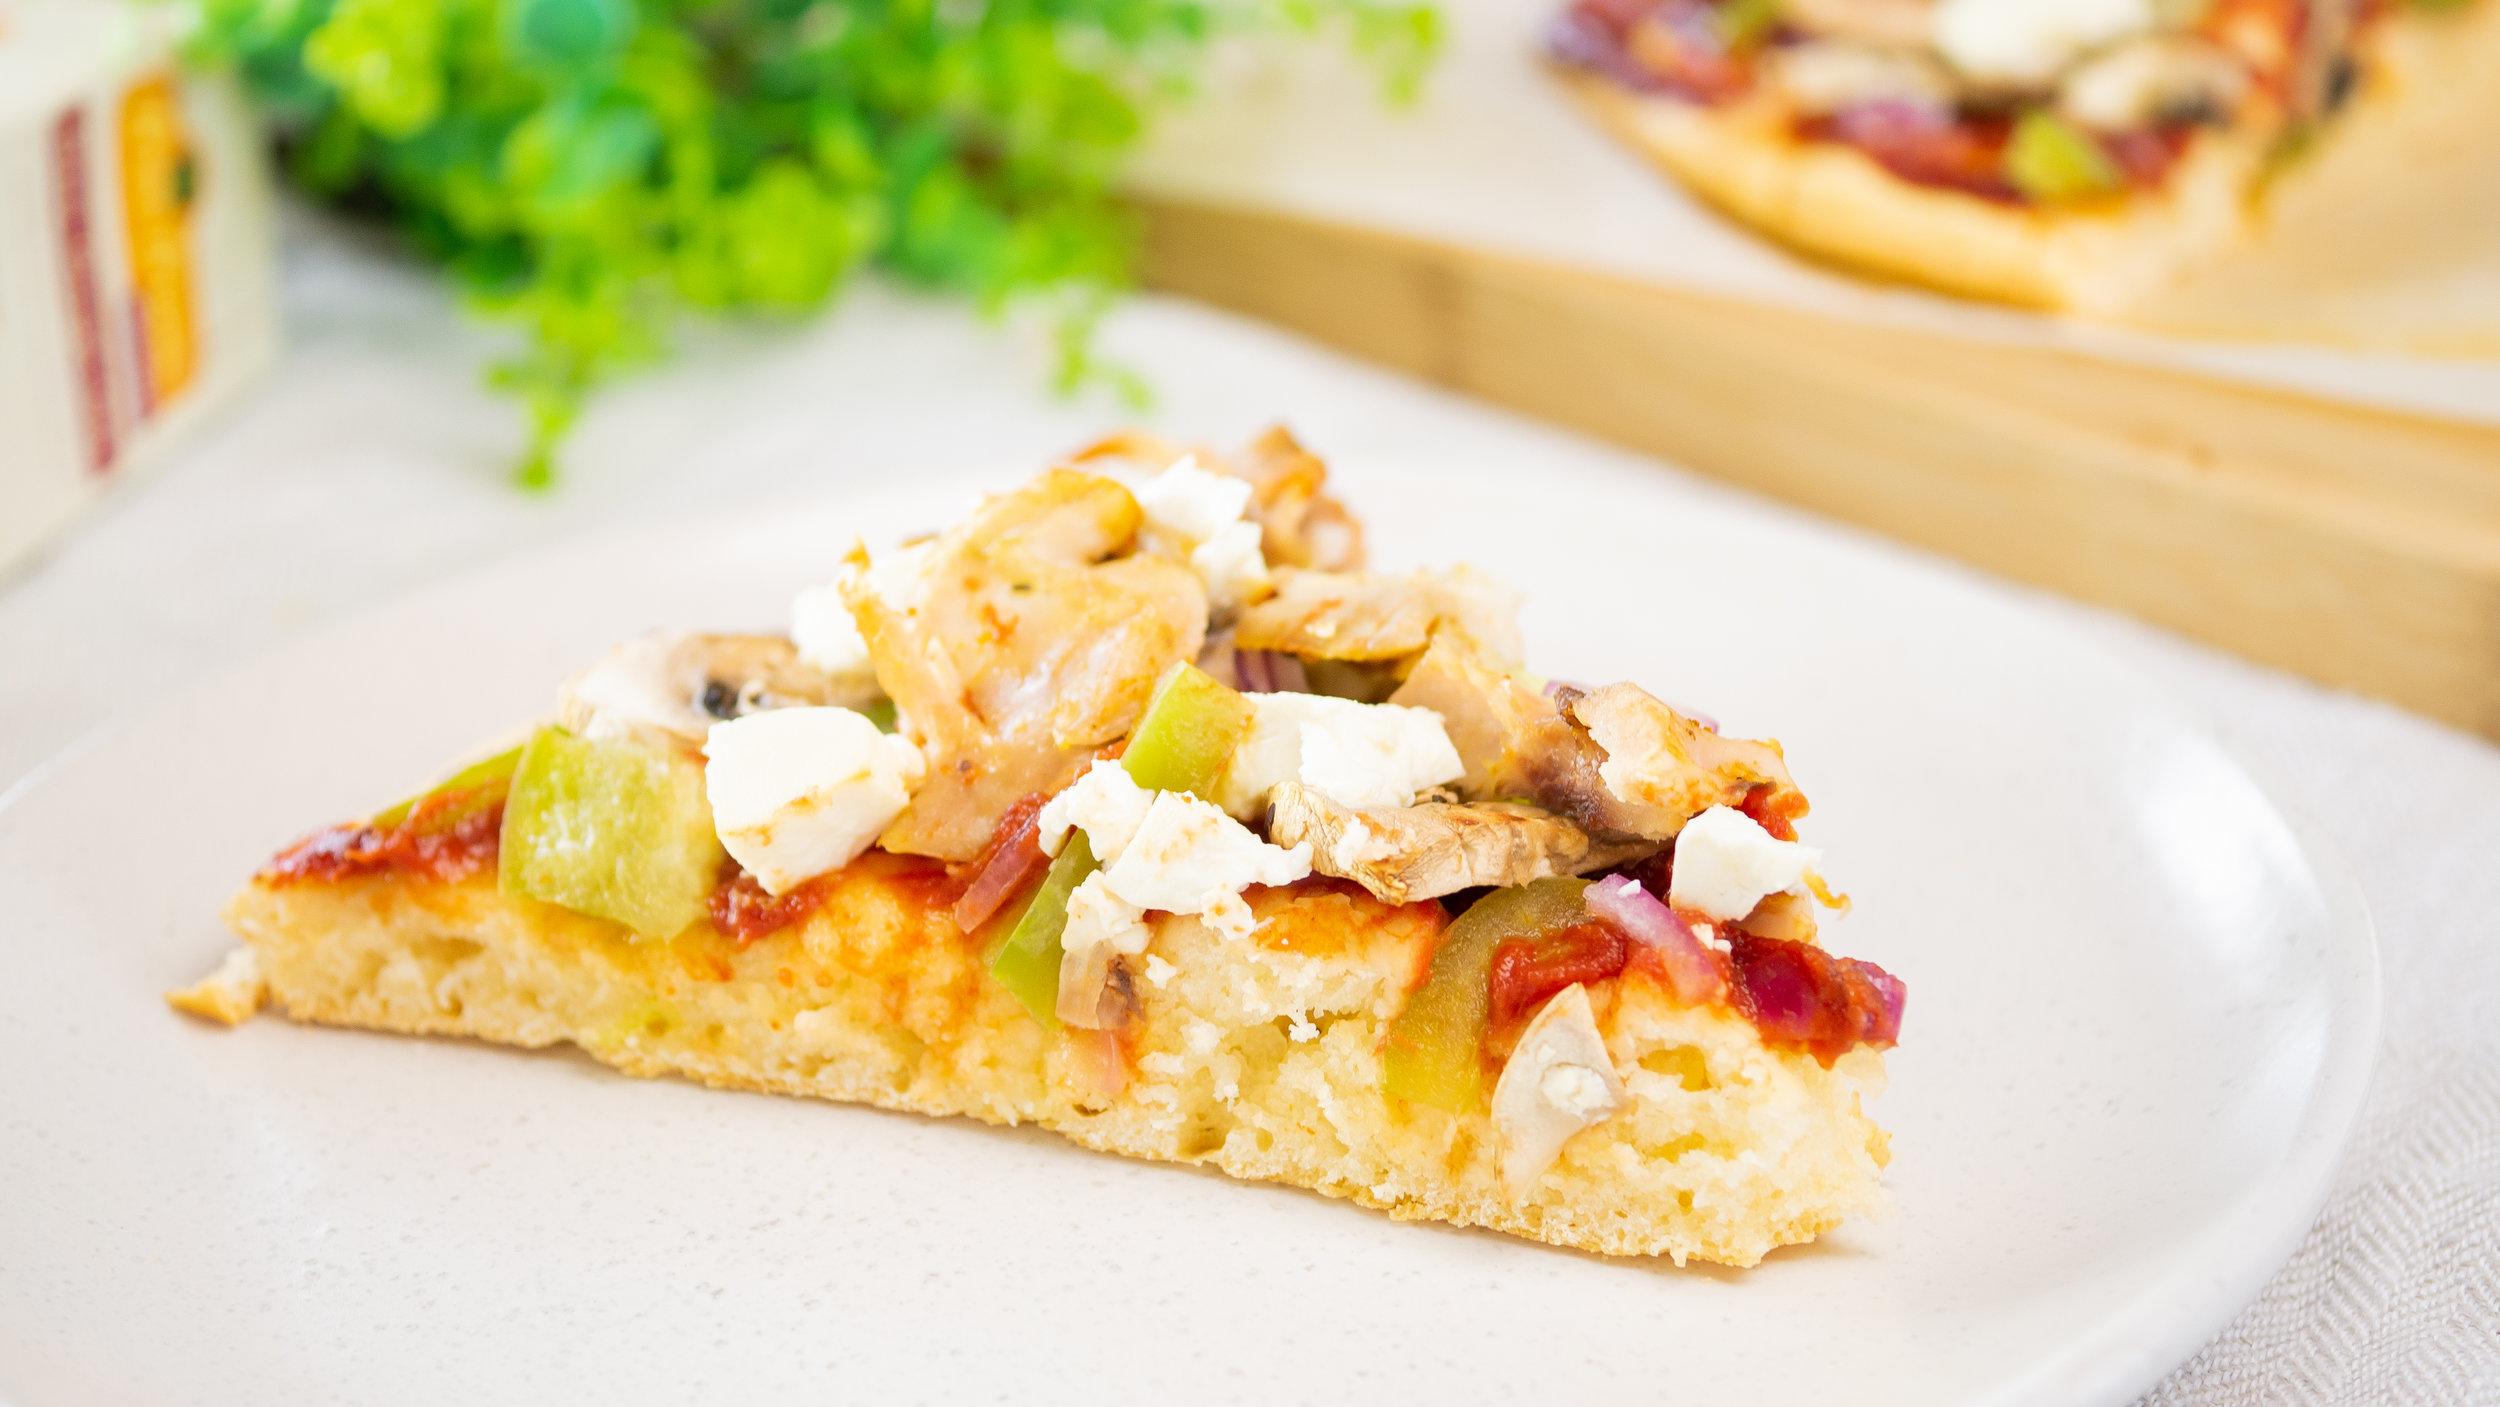 Gluten-Free Chicken & Mushroom Pizza